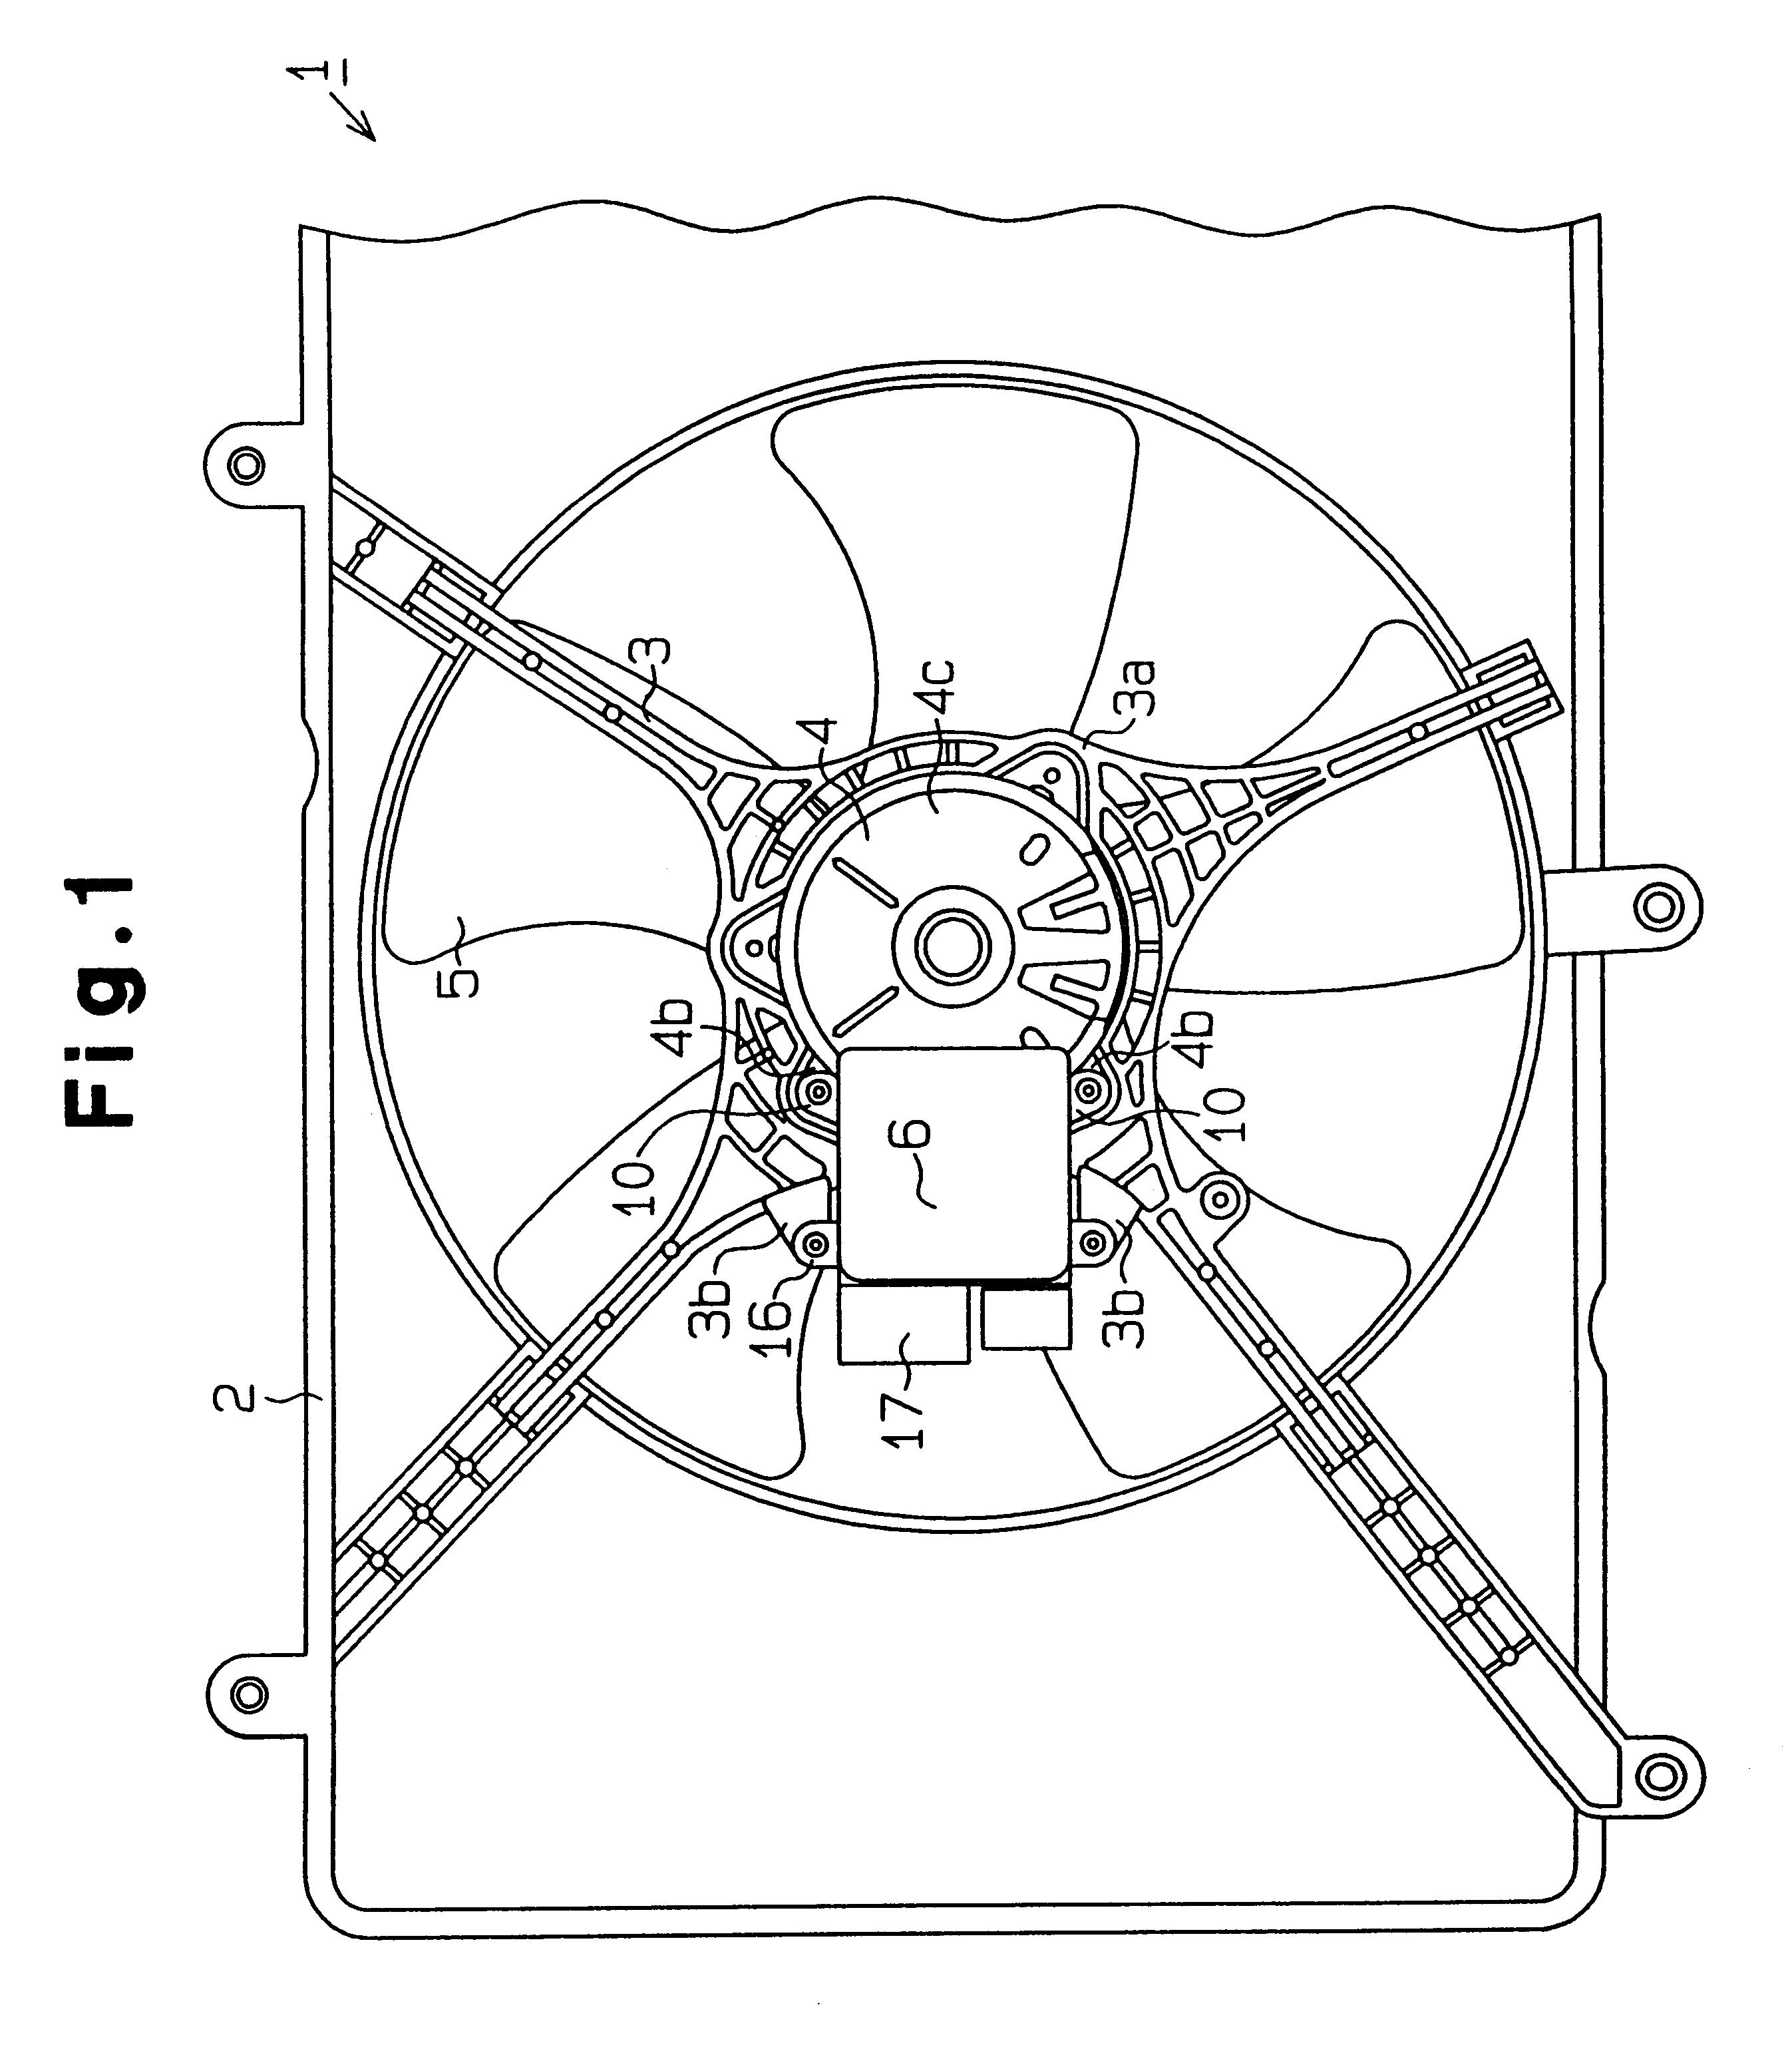 patent us6203293